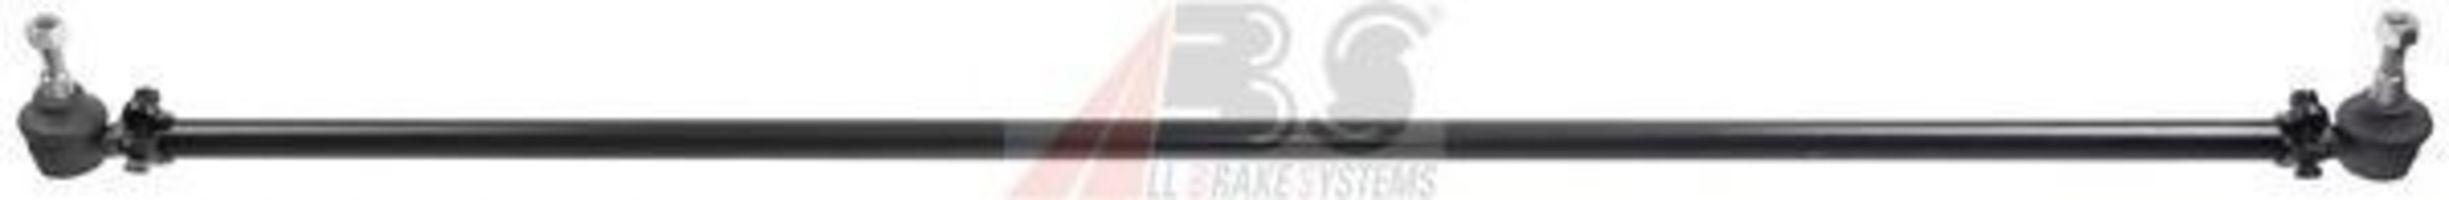 Поперечная рулевая тяга A.B.S. 250141